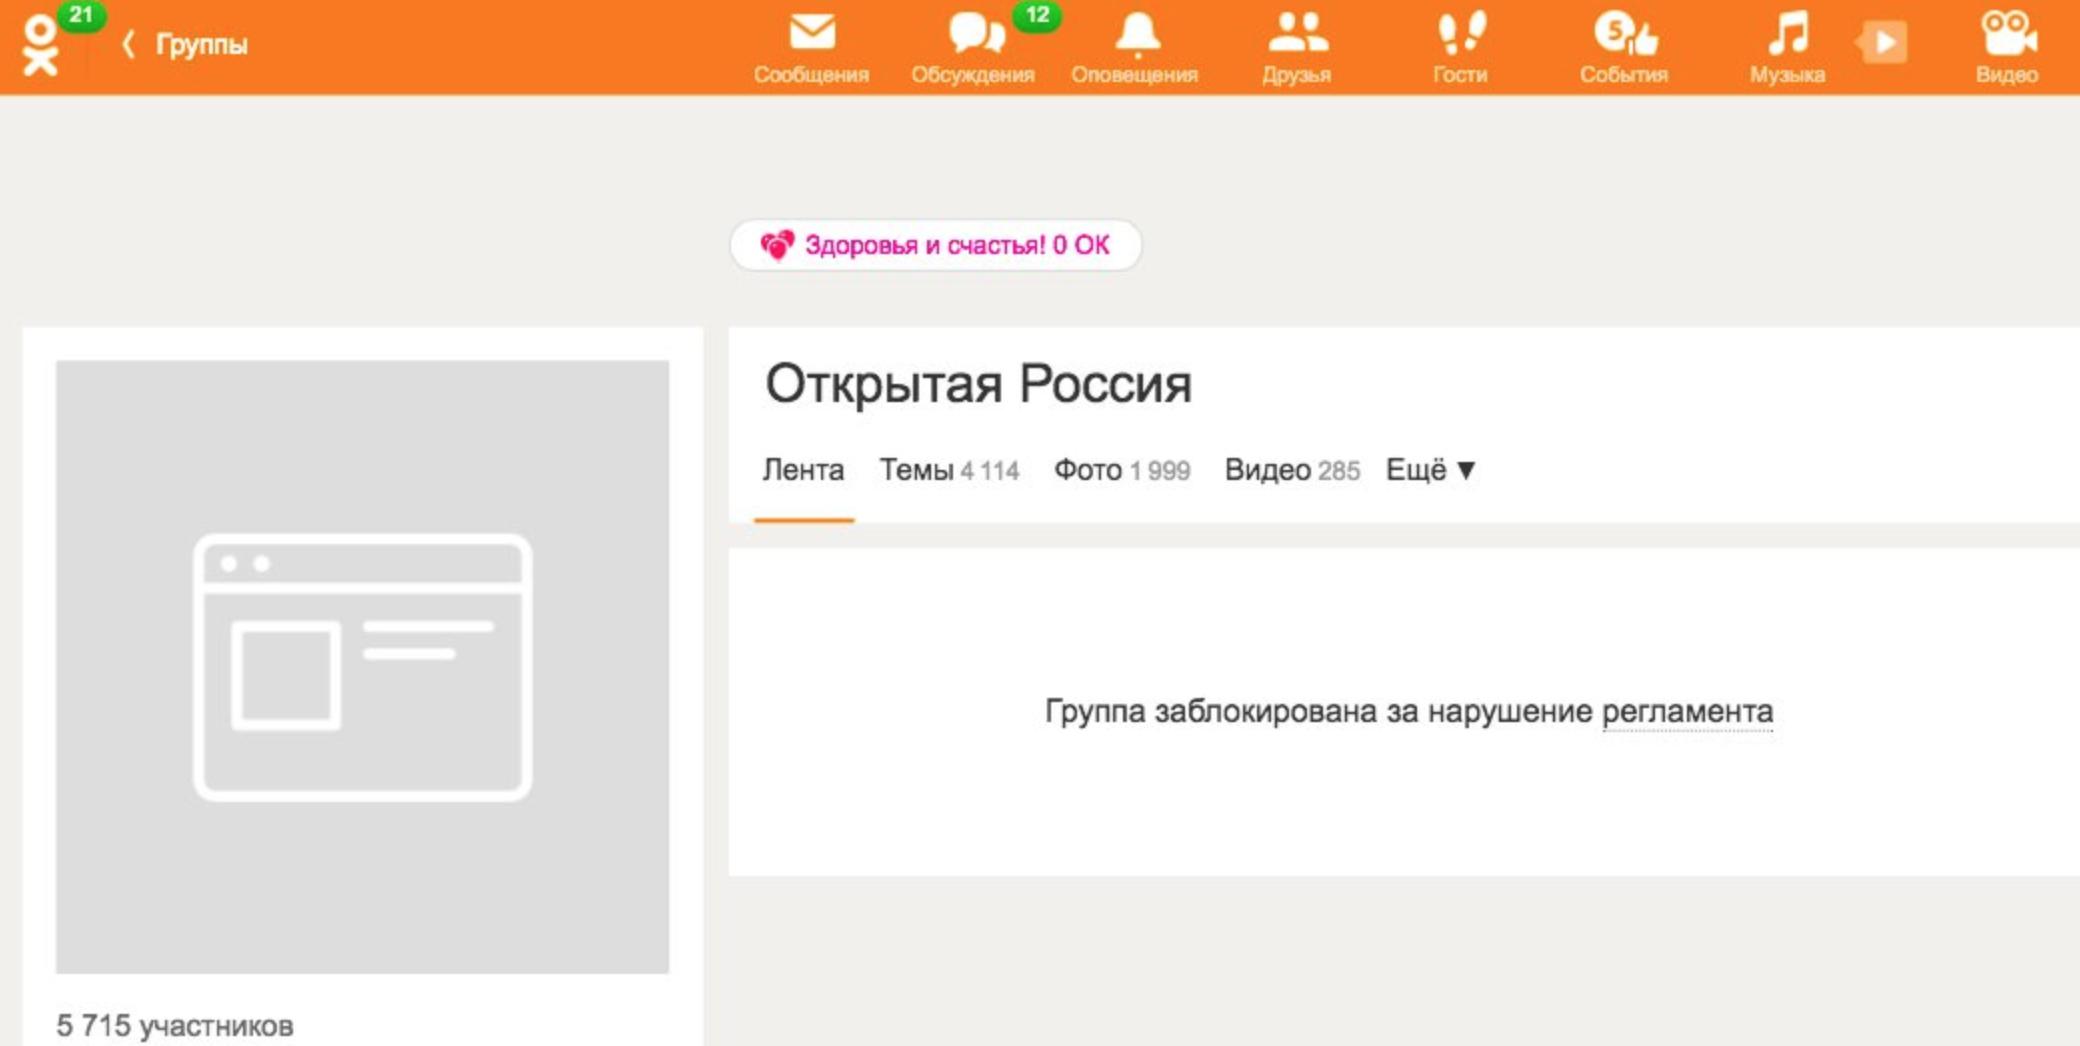 Заблокировали Одноклассники. Что делать?